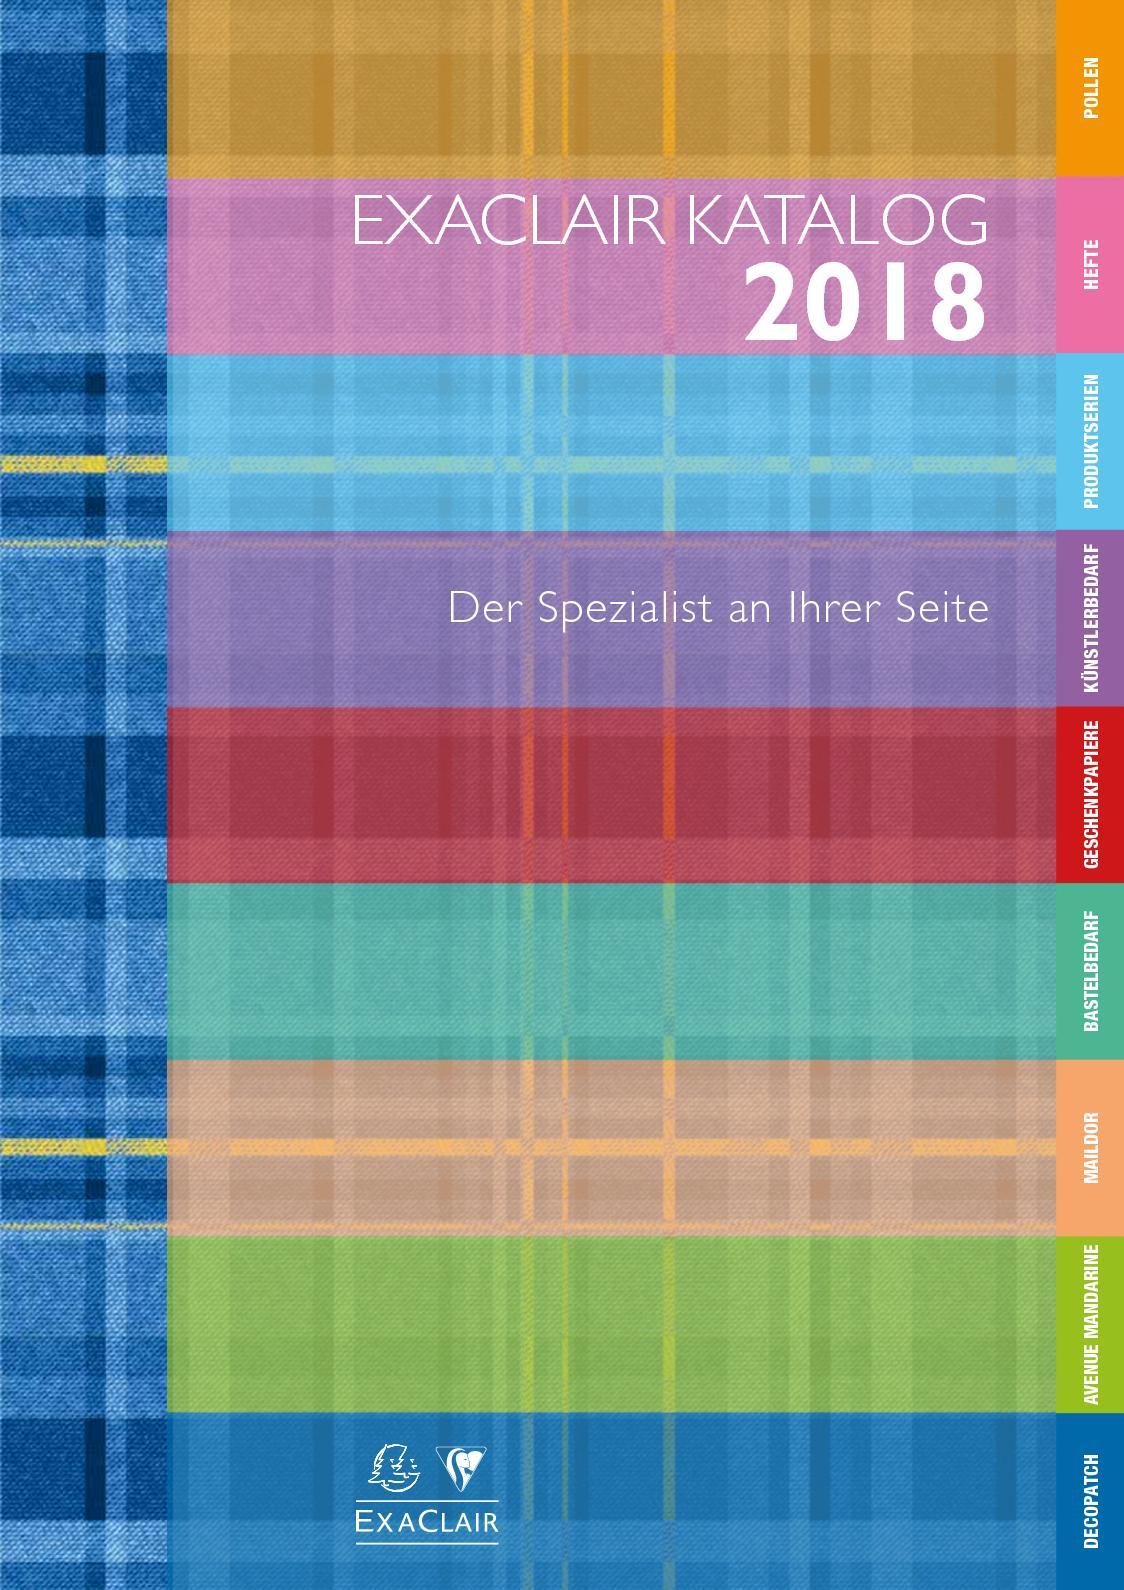 Hochzeitstisch Effizient Filz Herzen 10er Set 4-6-8 Cm Viele Farben Scrapbooking-embellishments